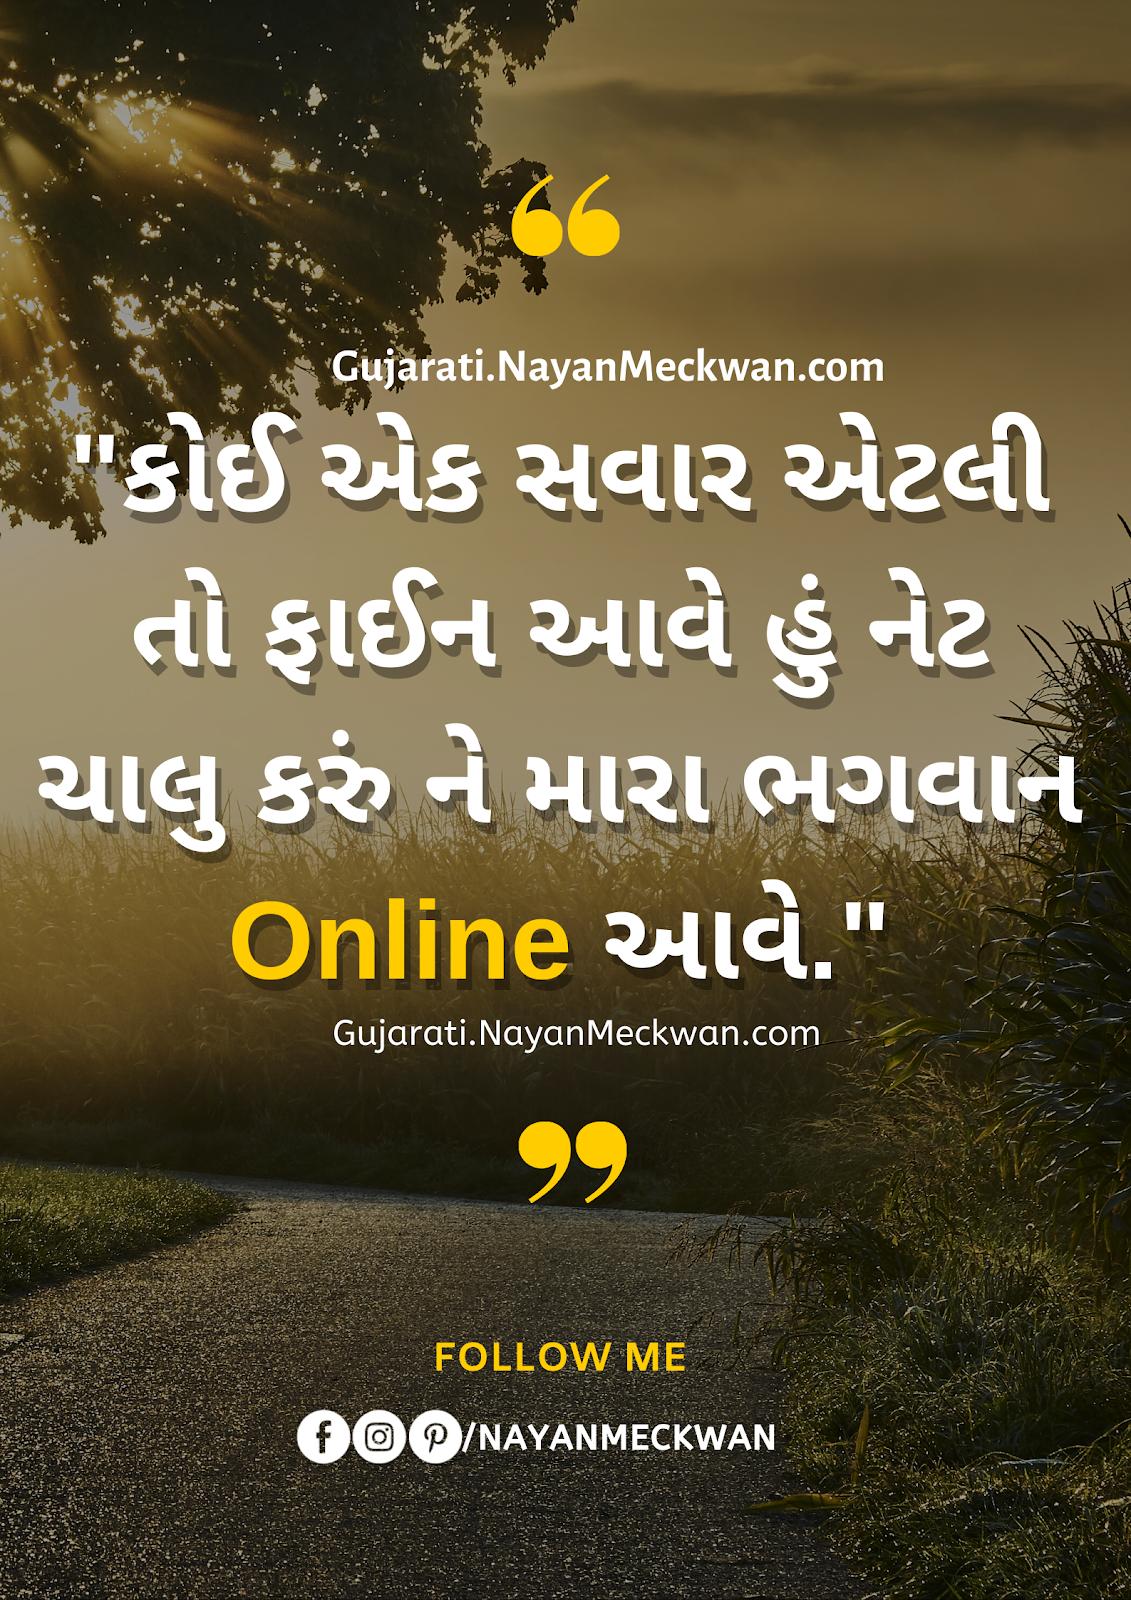 ભગવાન God ગુડ મોર્નિંગ સુવિચાર Best Gujarati Suvichar and Quotes images in 2020